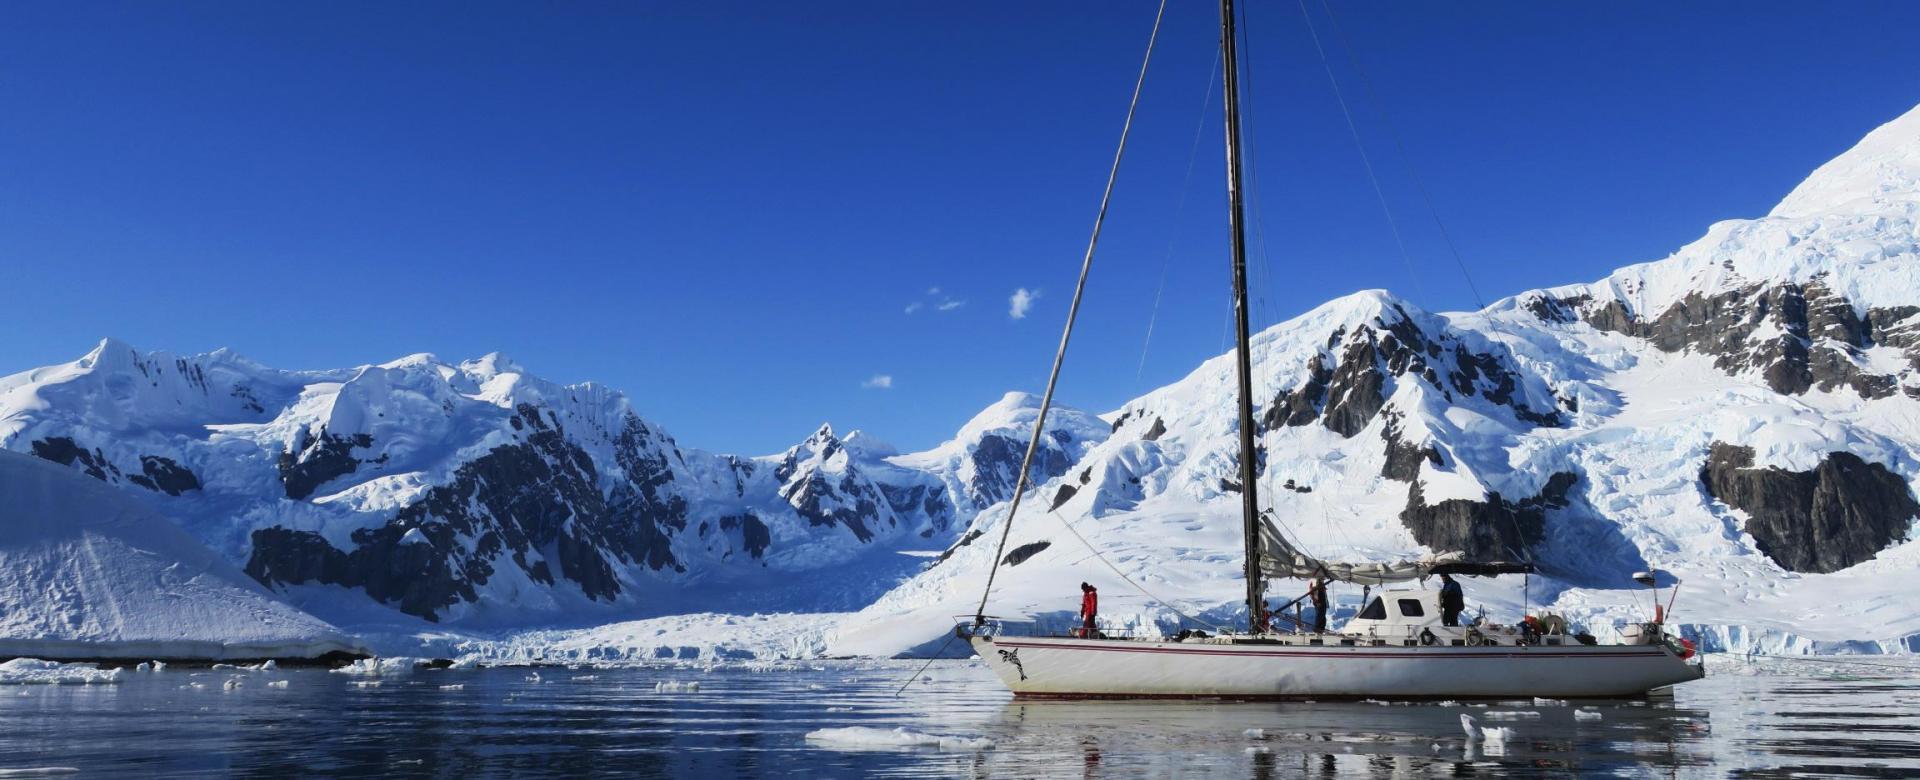 Voyage sur l'eau : A la voile en antarctique